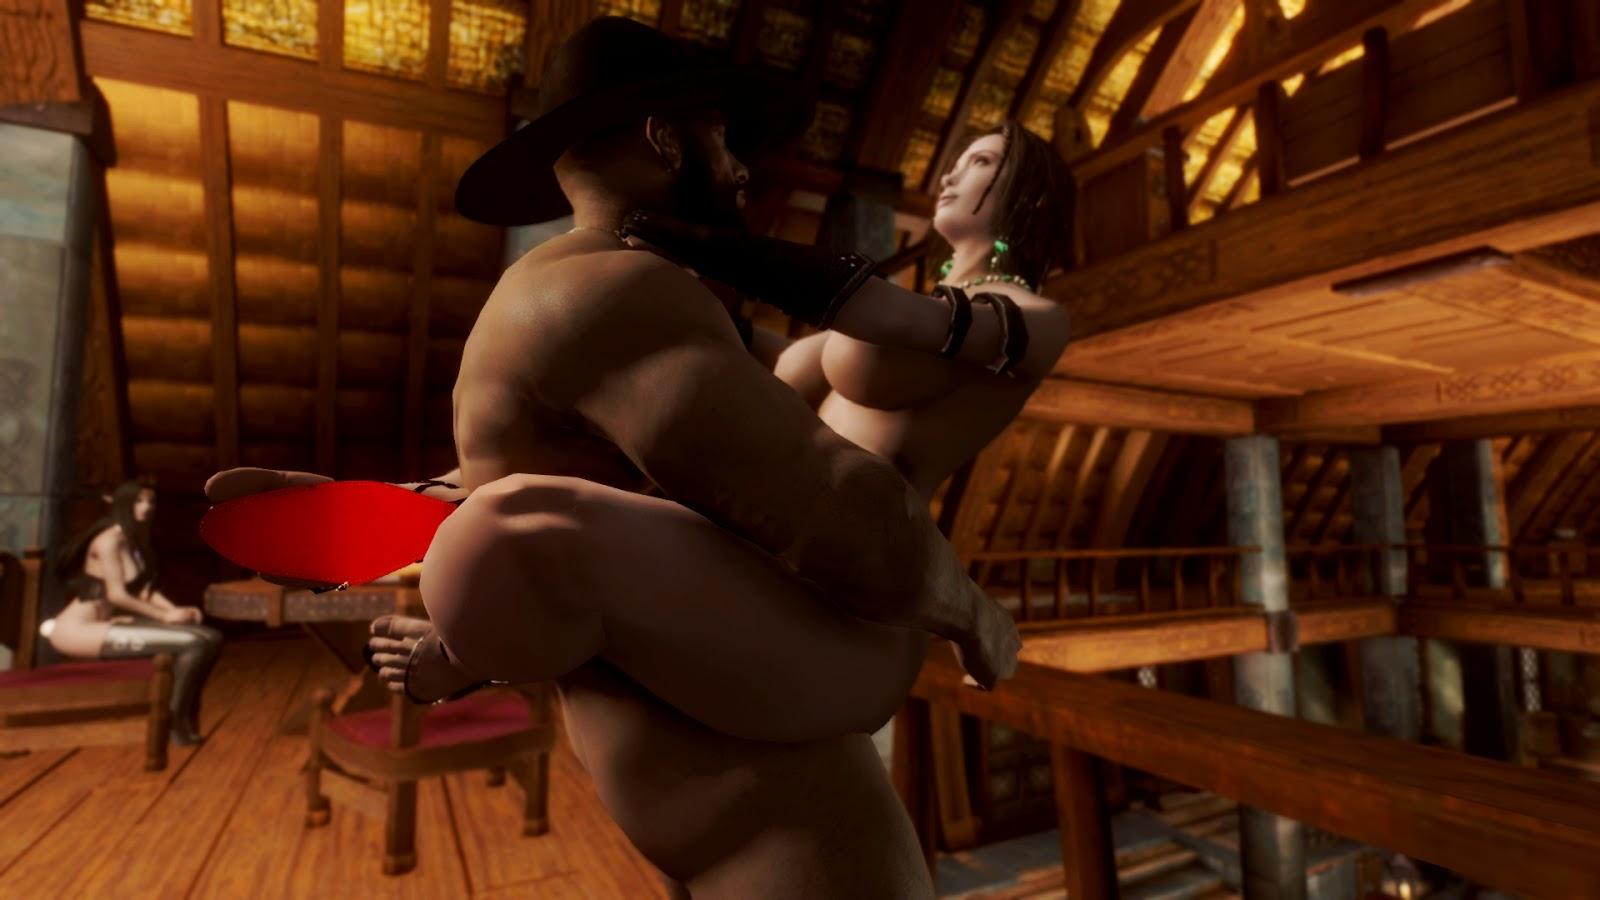 Skyrim nude skins softcore clip